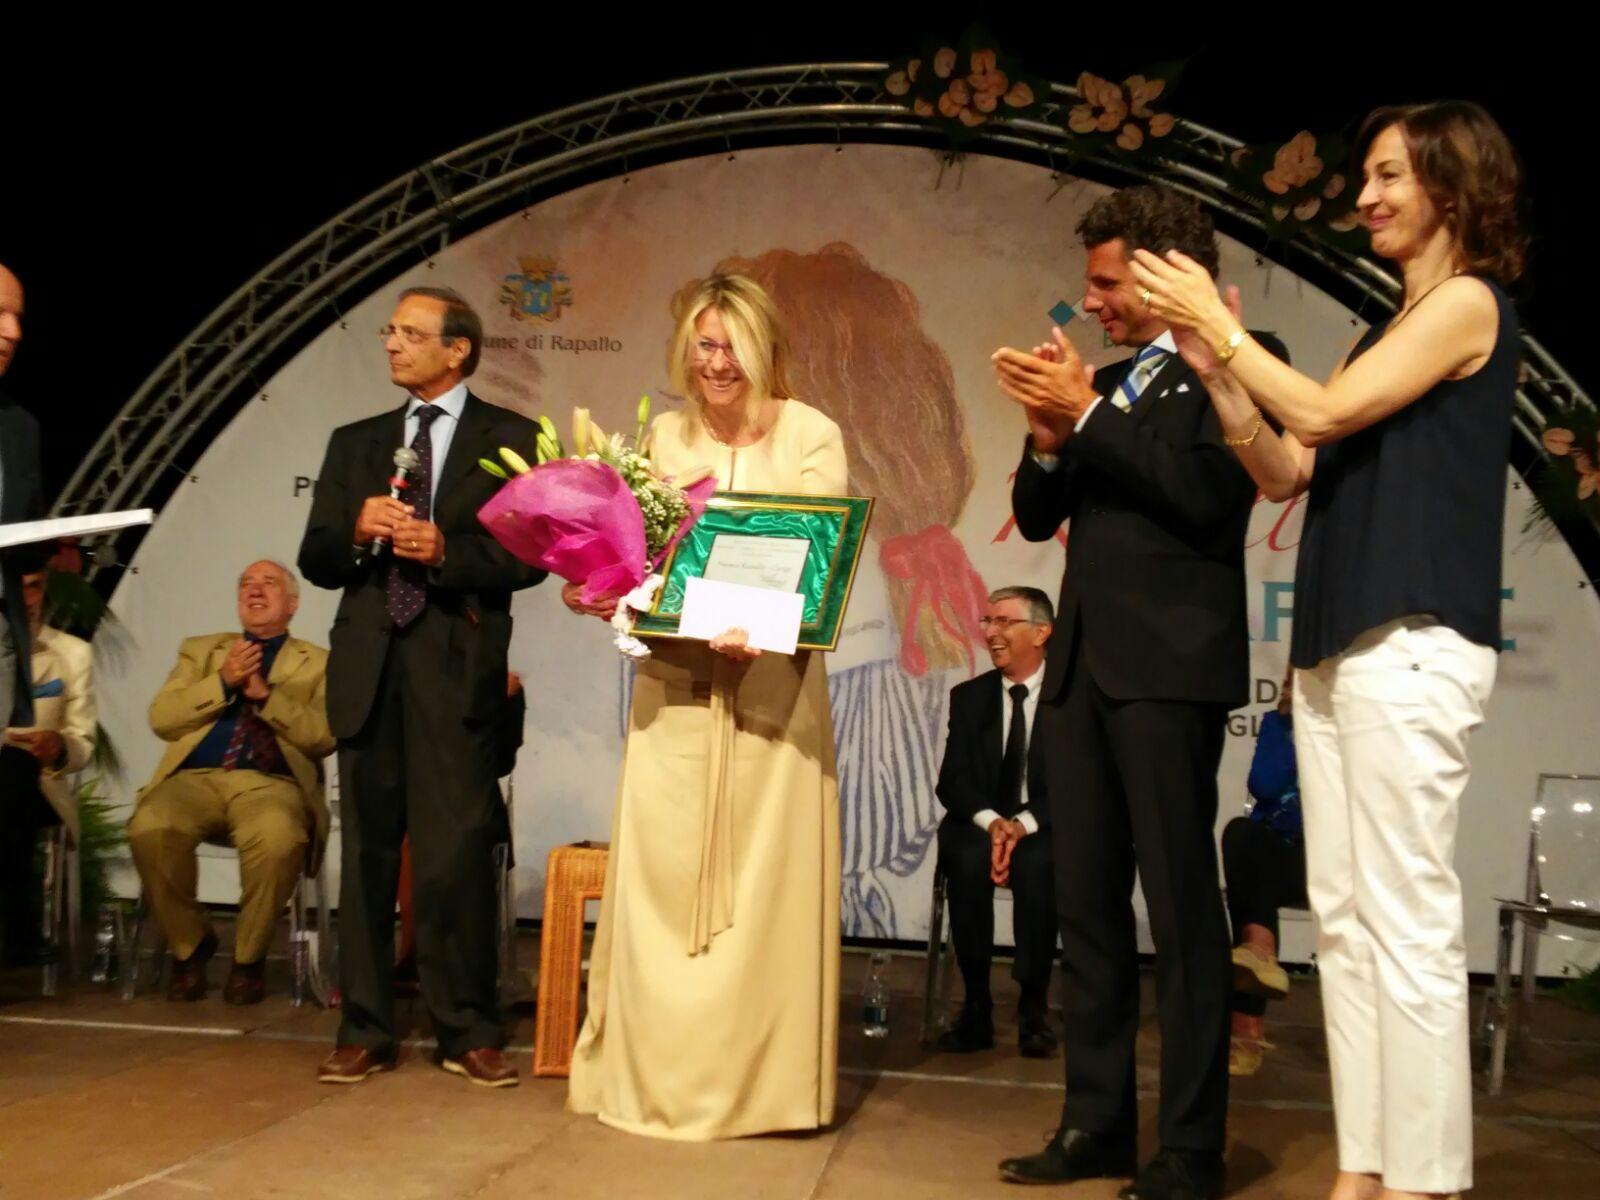 Premio Rapallo Carige 2016 vinto da Sara Rattaro con